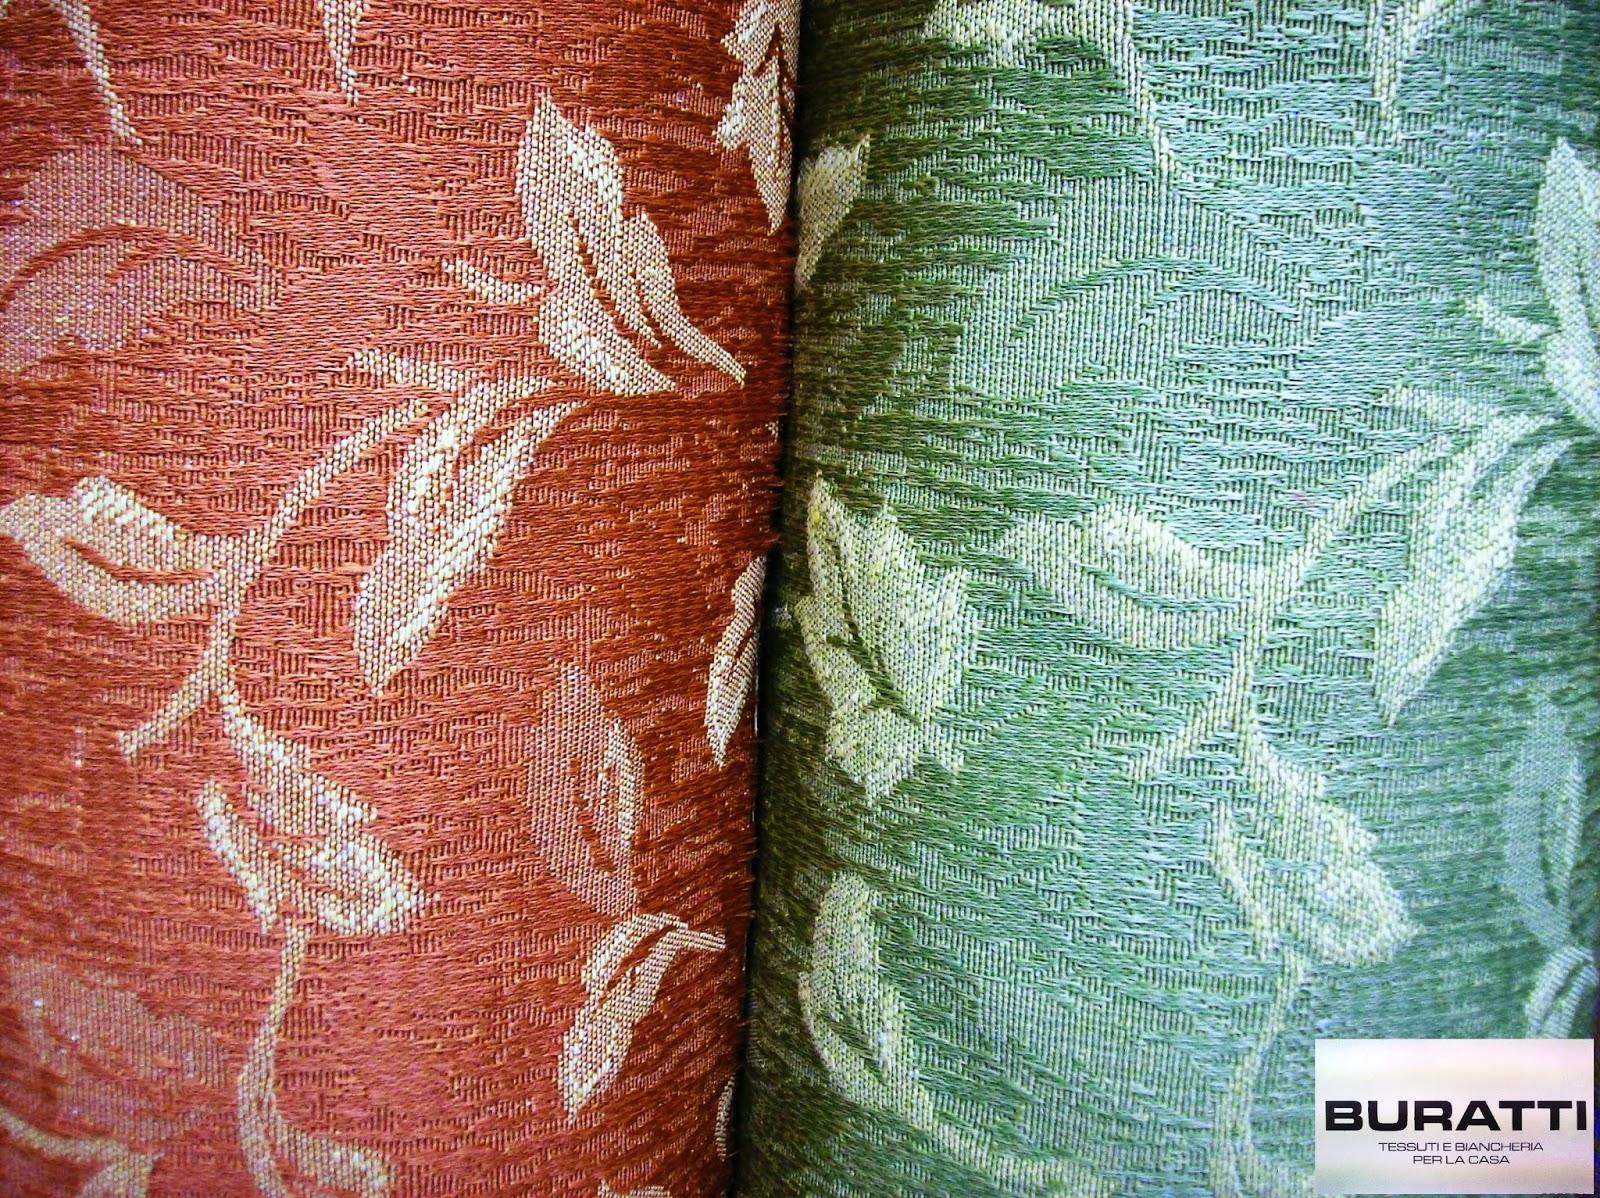 Buratti tessuti e biancheria per la casa tessuti da for Tessuti da arredamento